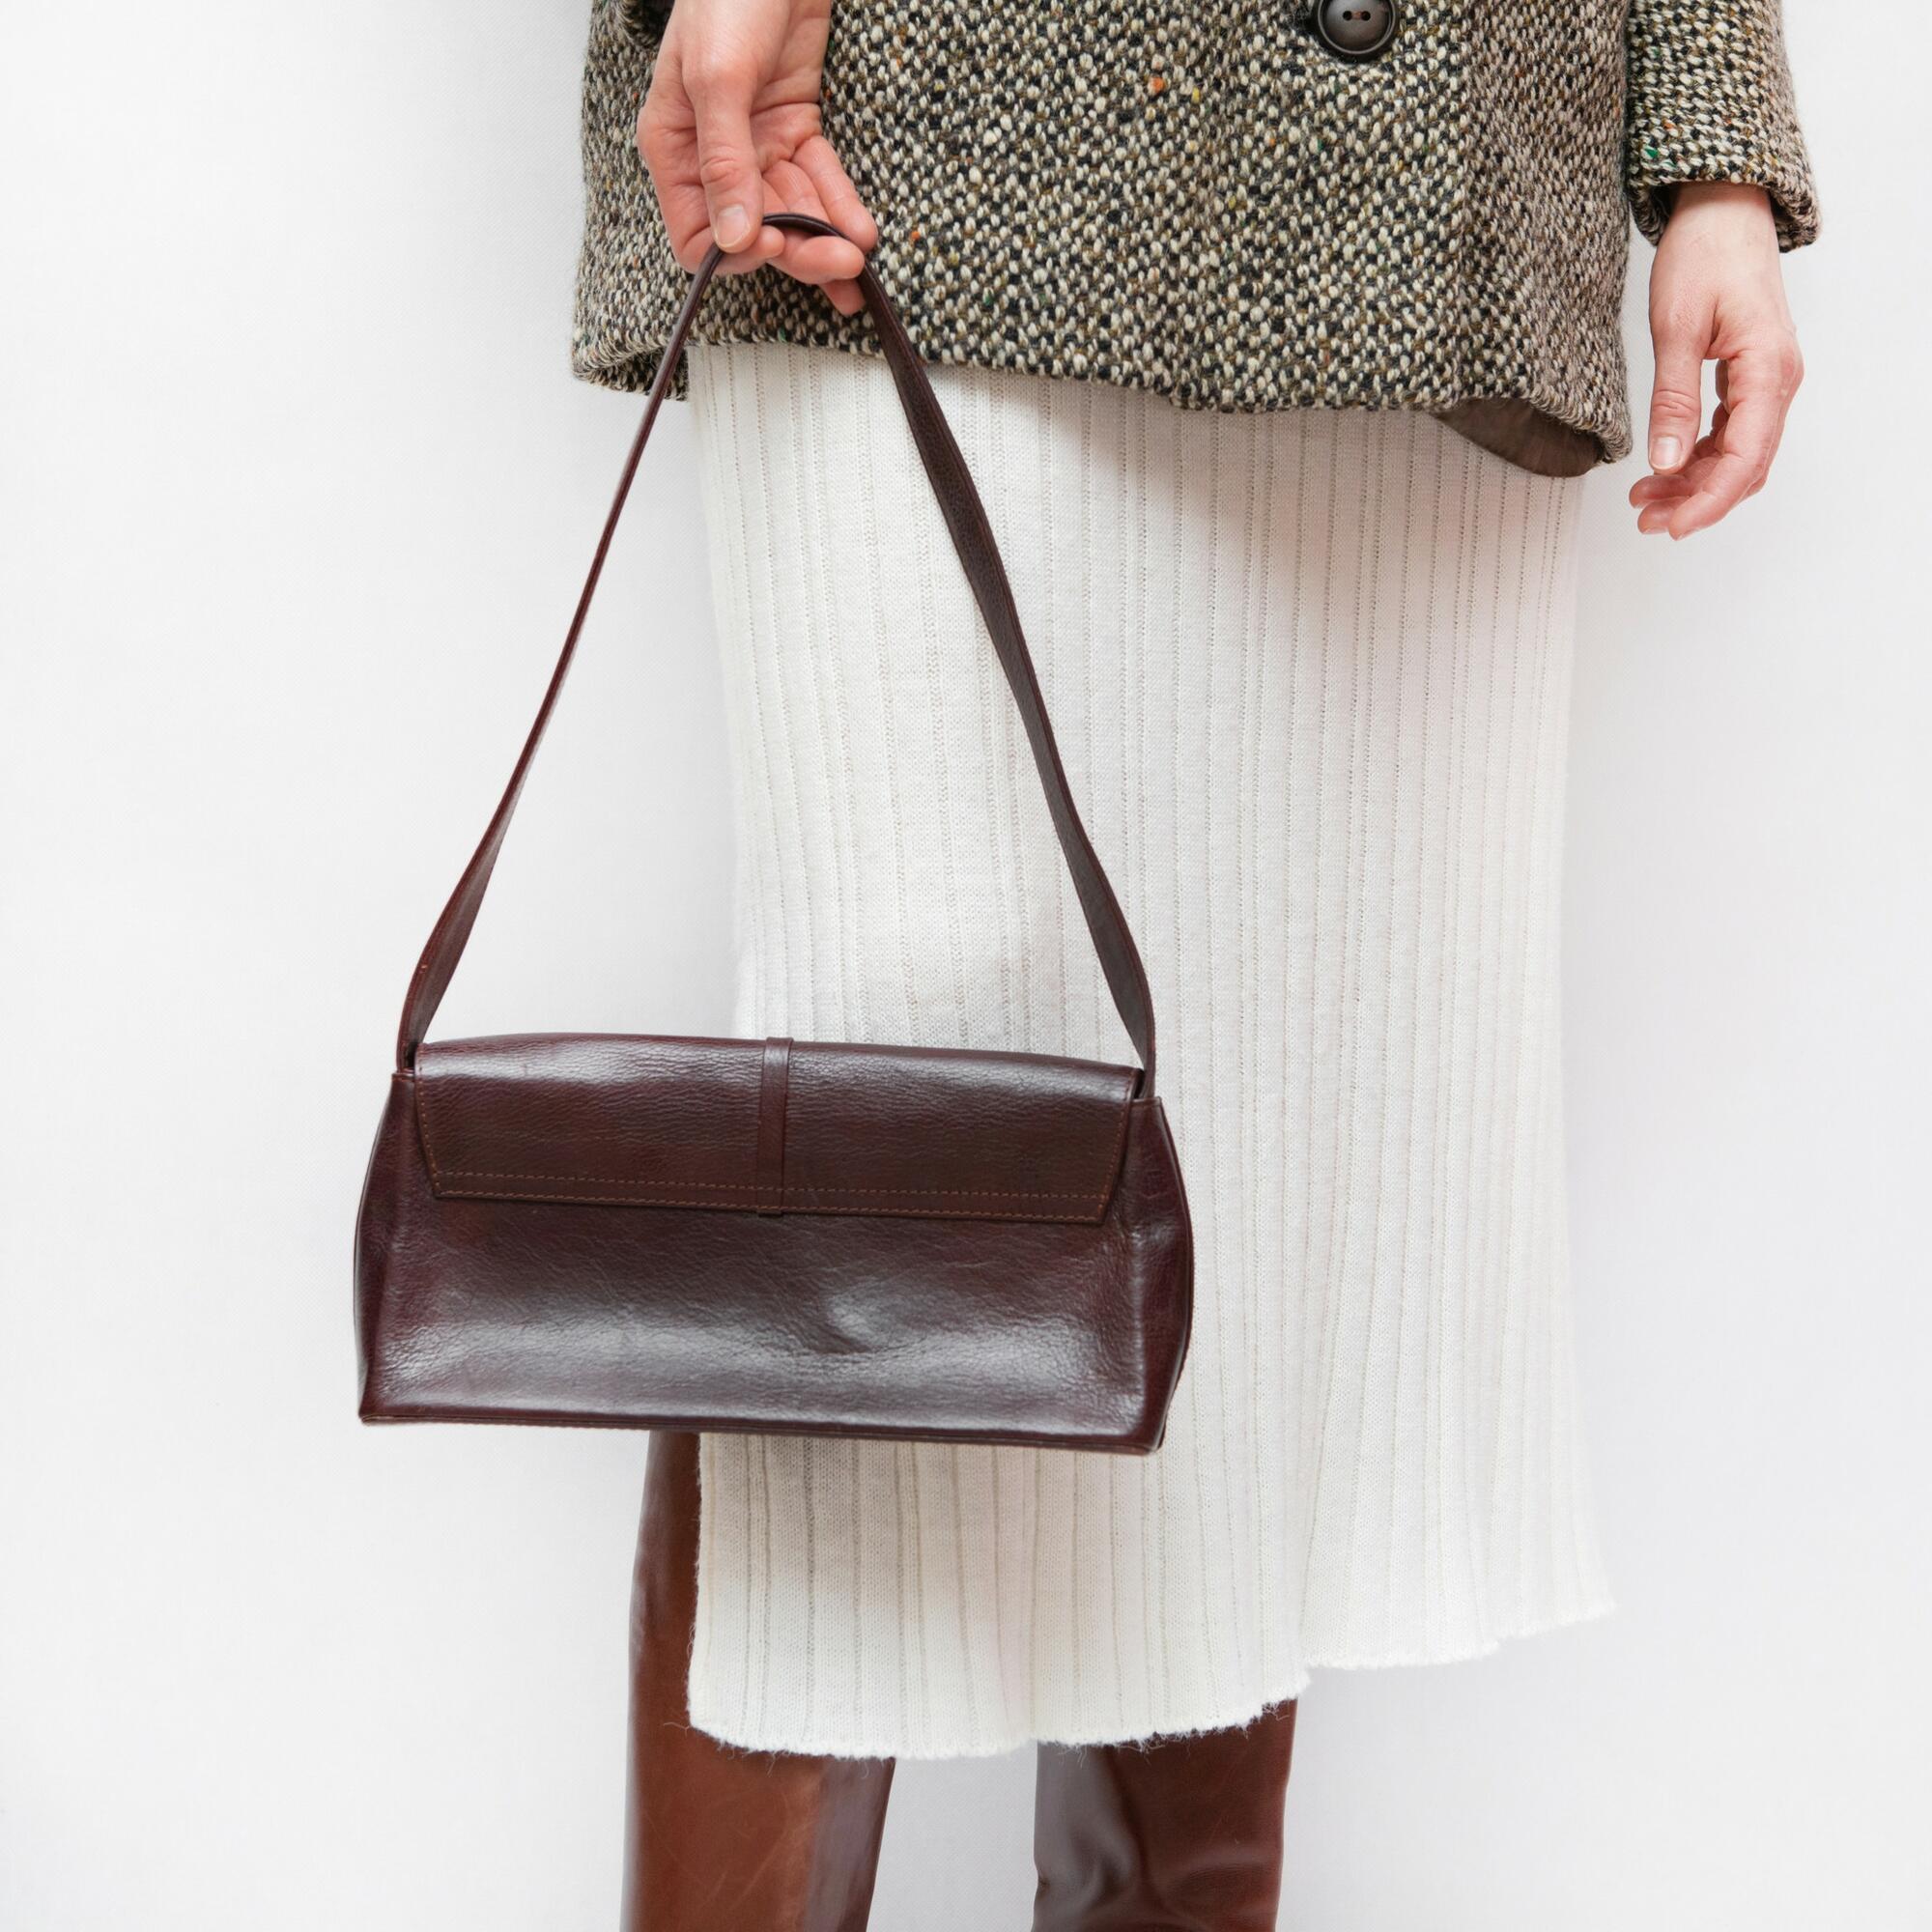 Brązowa torebka ze skóry na ramię - KEX Vintage Store | JestemSlow.pl